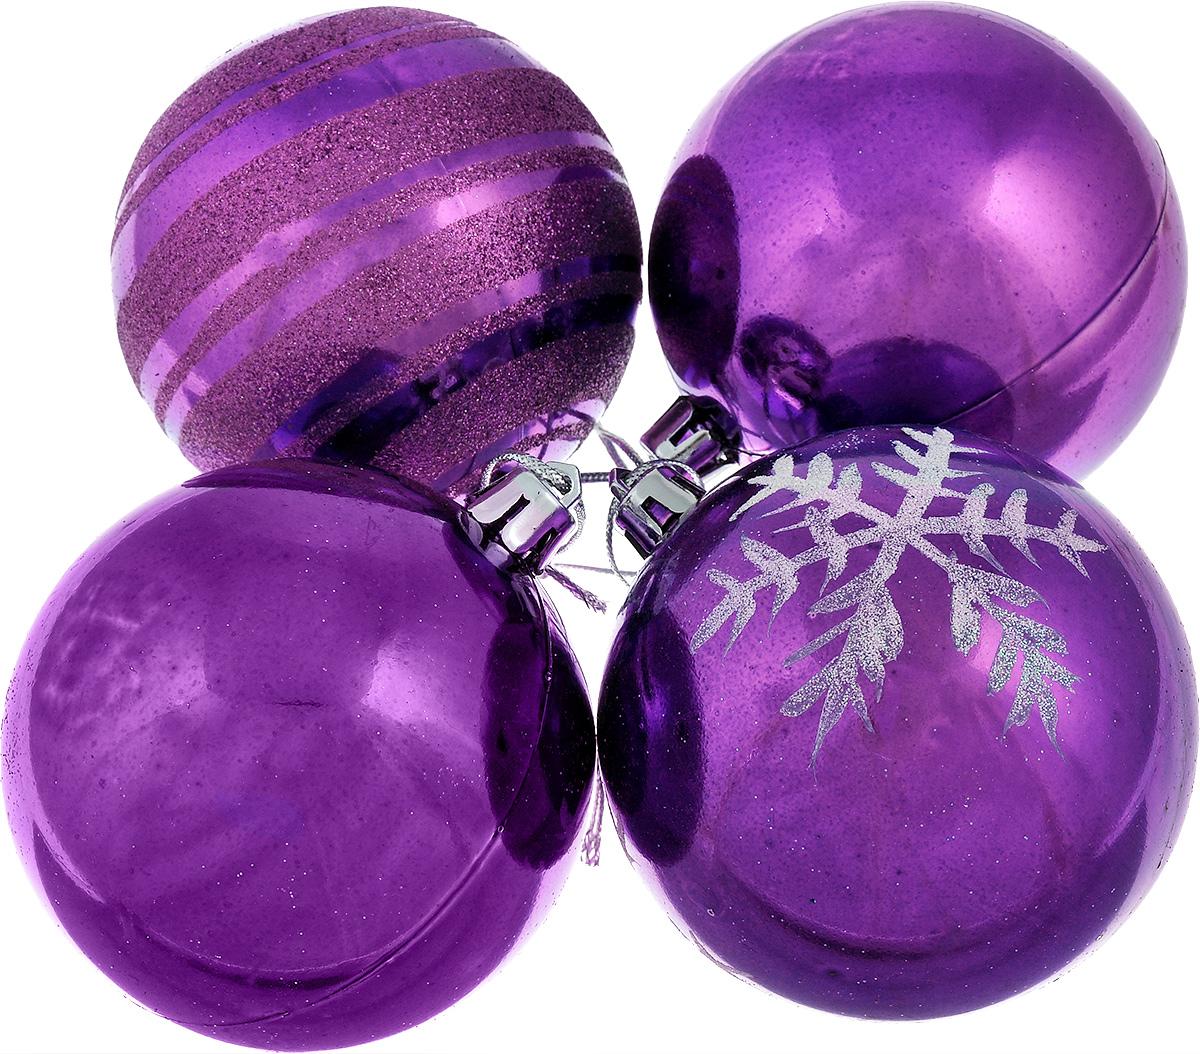 Набор новогодних подвесных украшений EuroHouse Everyday Holiday, цвет: фиолетовый, диаметр 8 см, 4 штЕХ7359_фиолетовыйНабор новогодних подвесных украшений EuroHouse Everyday Holiday прекрасно подойдет для праздничного декора новогодней ели. Набор состоит из 4 пластиковых украшений в виде глянцевых шаров, некоторые из которых оформлены блестками. Для удобного размещения на елке для каждого украшения предусмотрена текстильная петелька. Елочная игрушка - символ Нового года. Она несет в себе волшебство и красоту праздника. Создайте в своем доме атмосферу веселья и радости, украшая новогоднюю елку нарядными игрушками, которые будут из года в год накапливать теплоту воспоминаний. Откройте для себя удивительный мир сказок и грез. Почувствуйте волшебные минуты ожидания праздника, создайте новогоднее настроение вашим дорогим и близким.